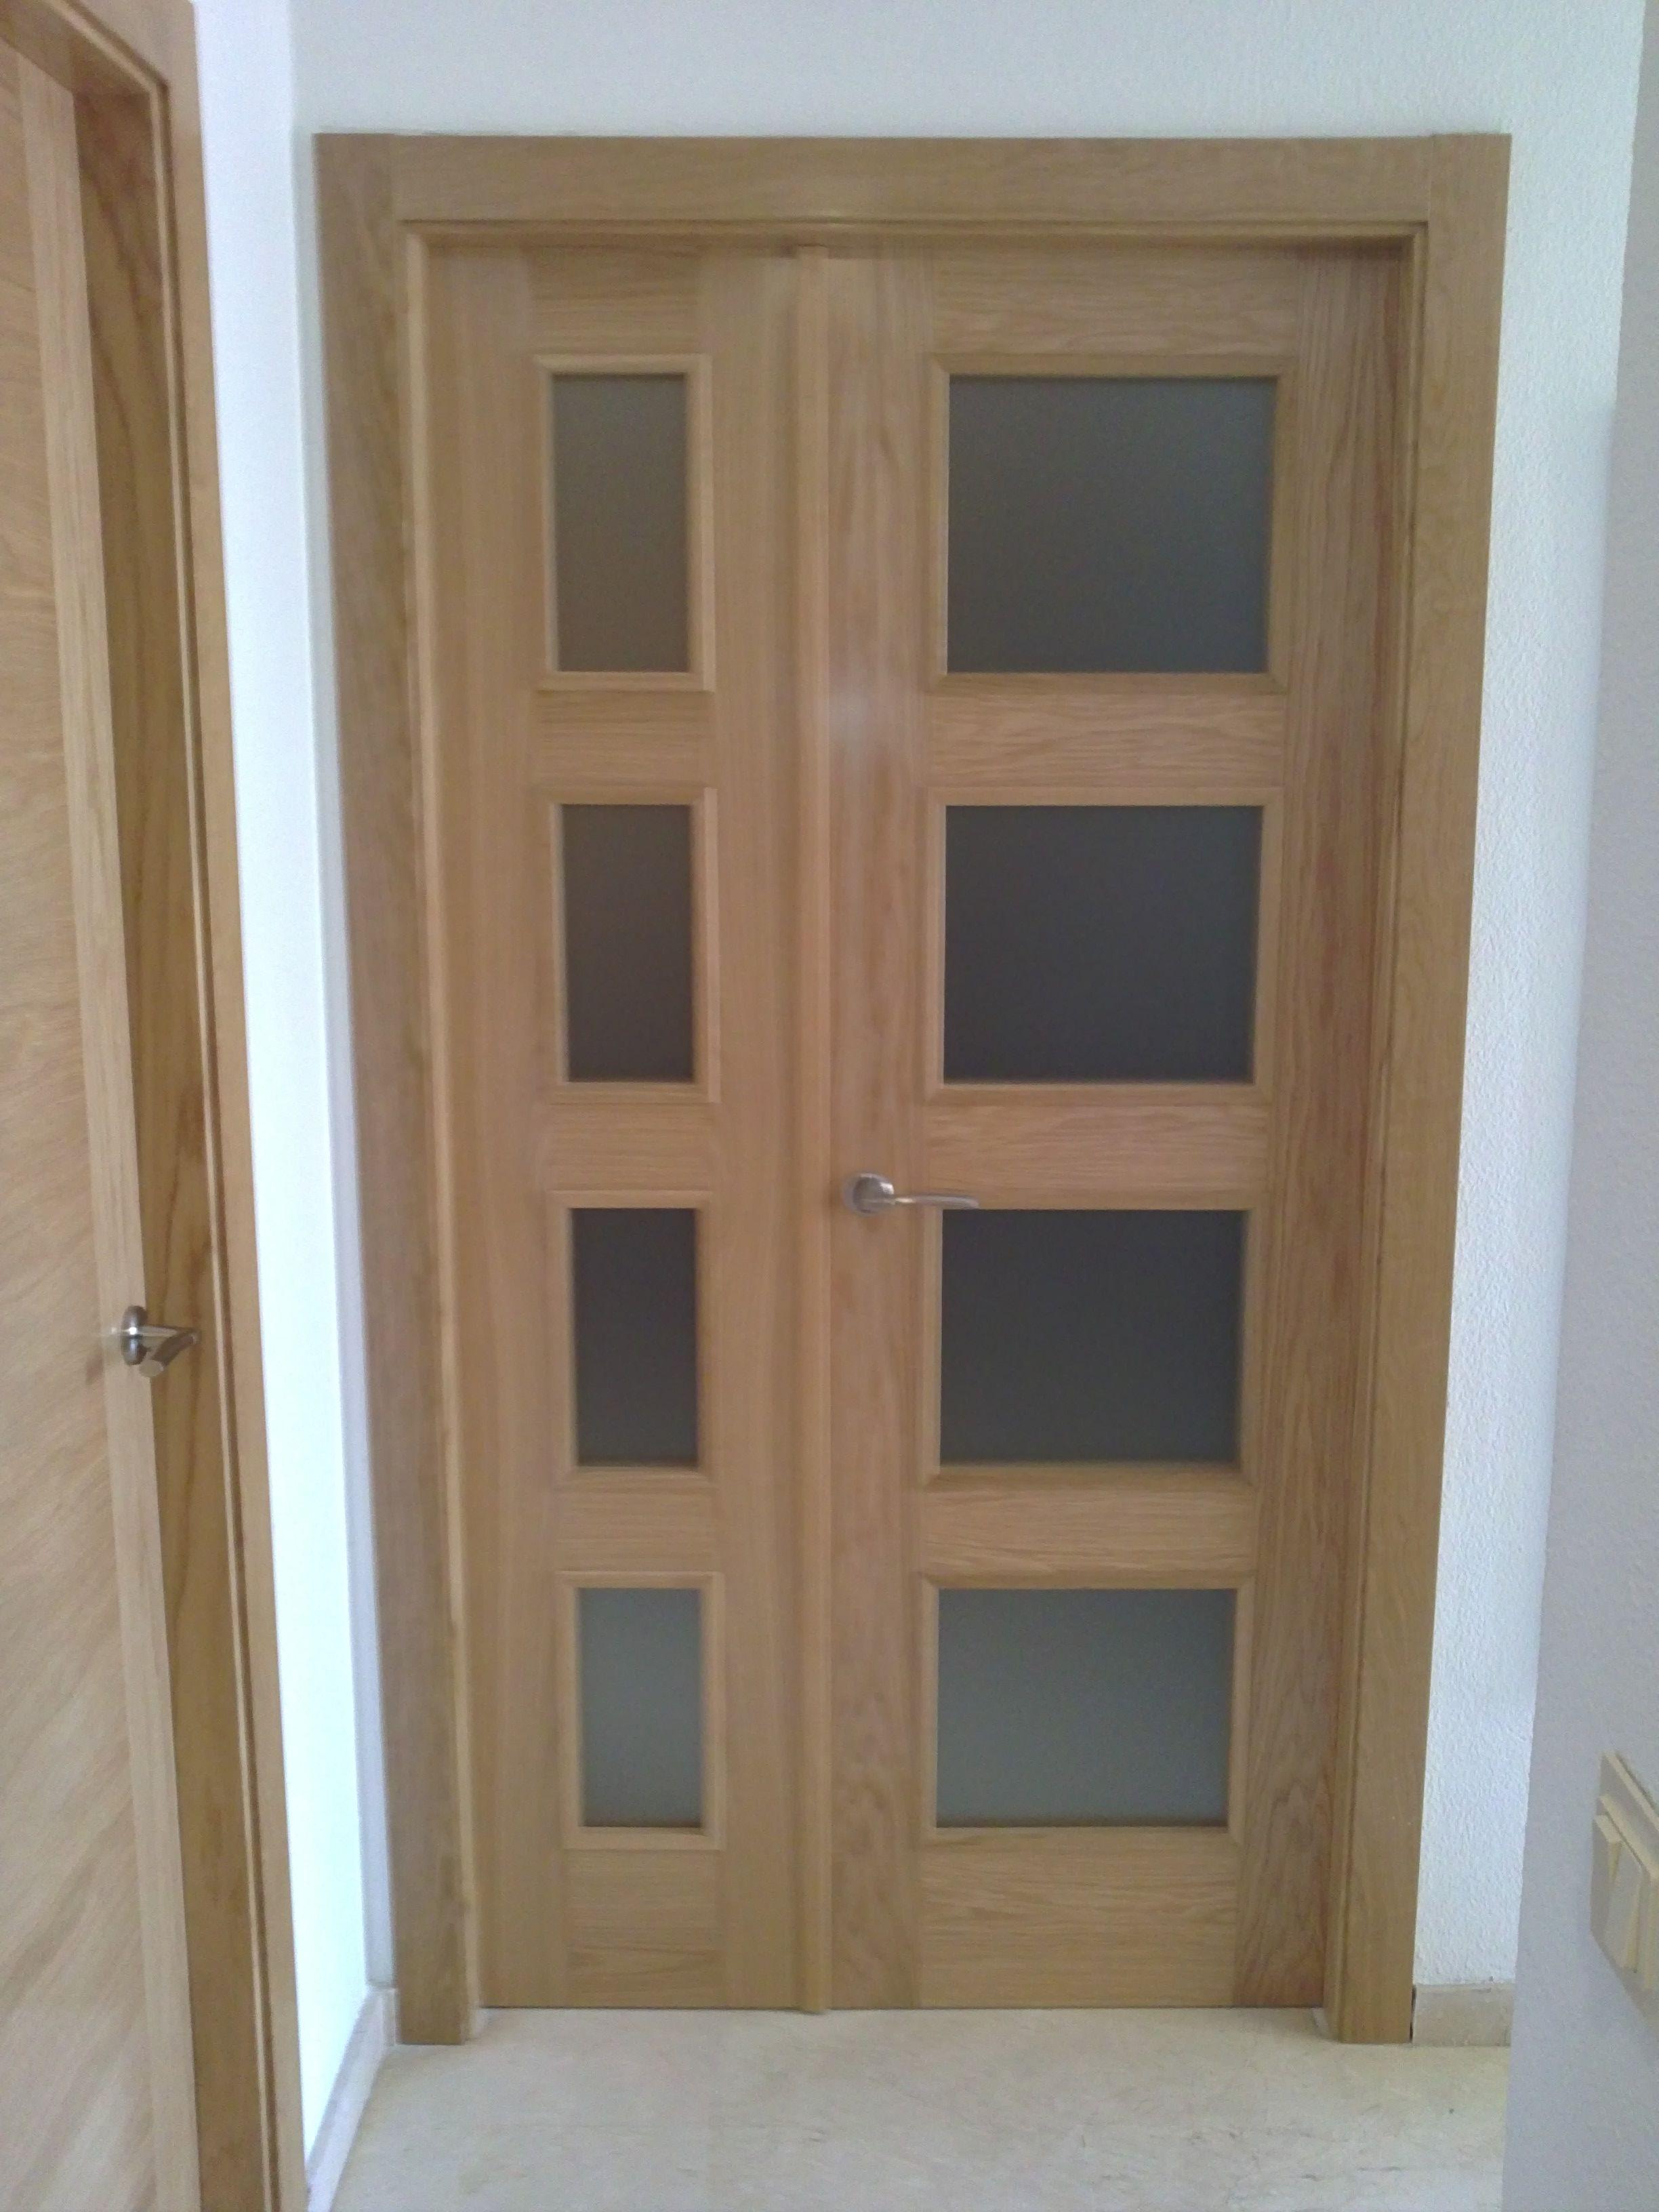 L60 Roble Doble Con Hoja Fija Y Hoja Abatible Puertas Interiores Blancas Puertas De Madera Puertas De Cristal